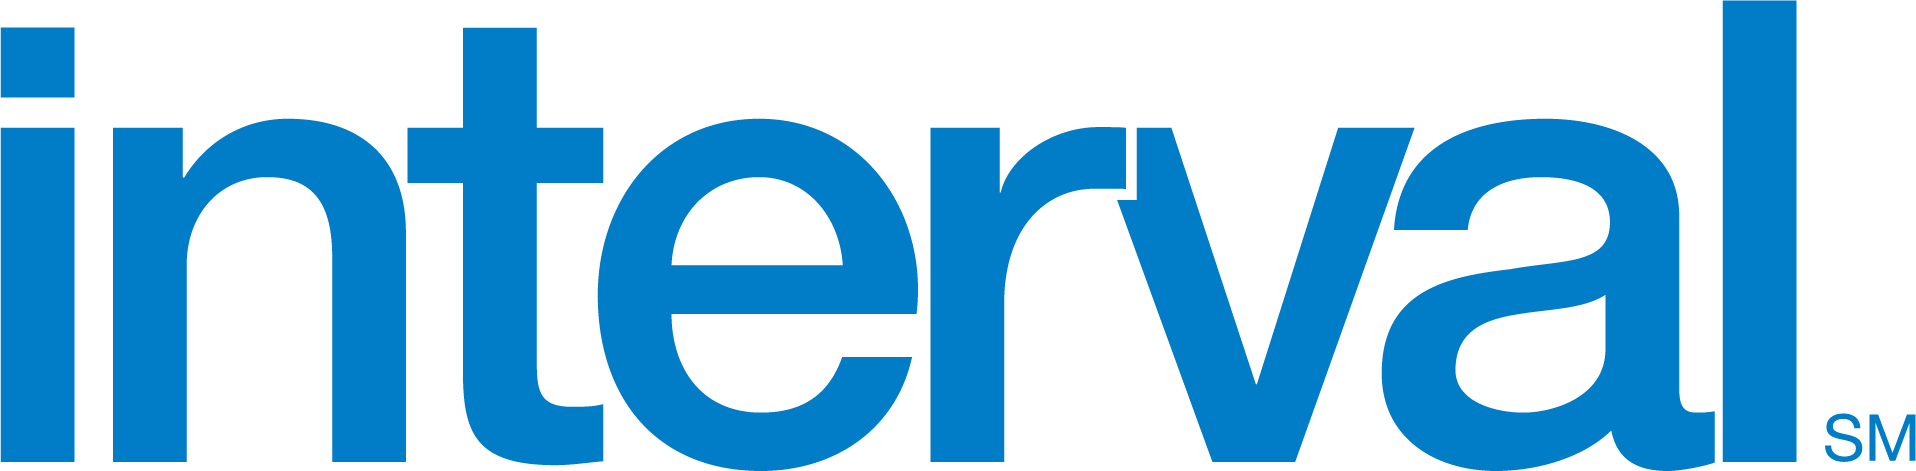 Interval International logo